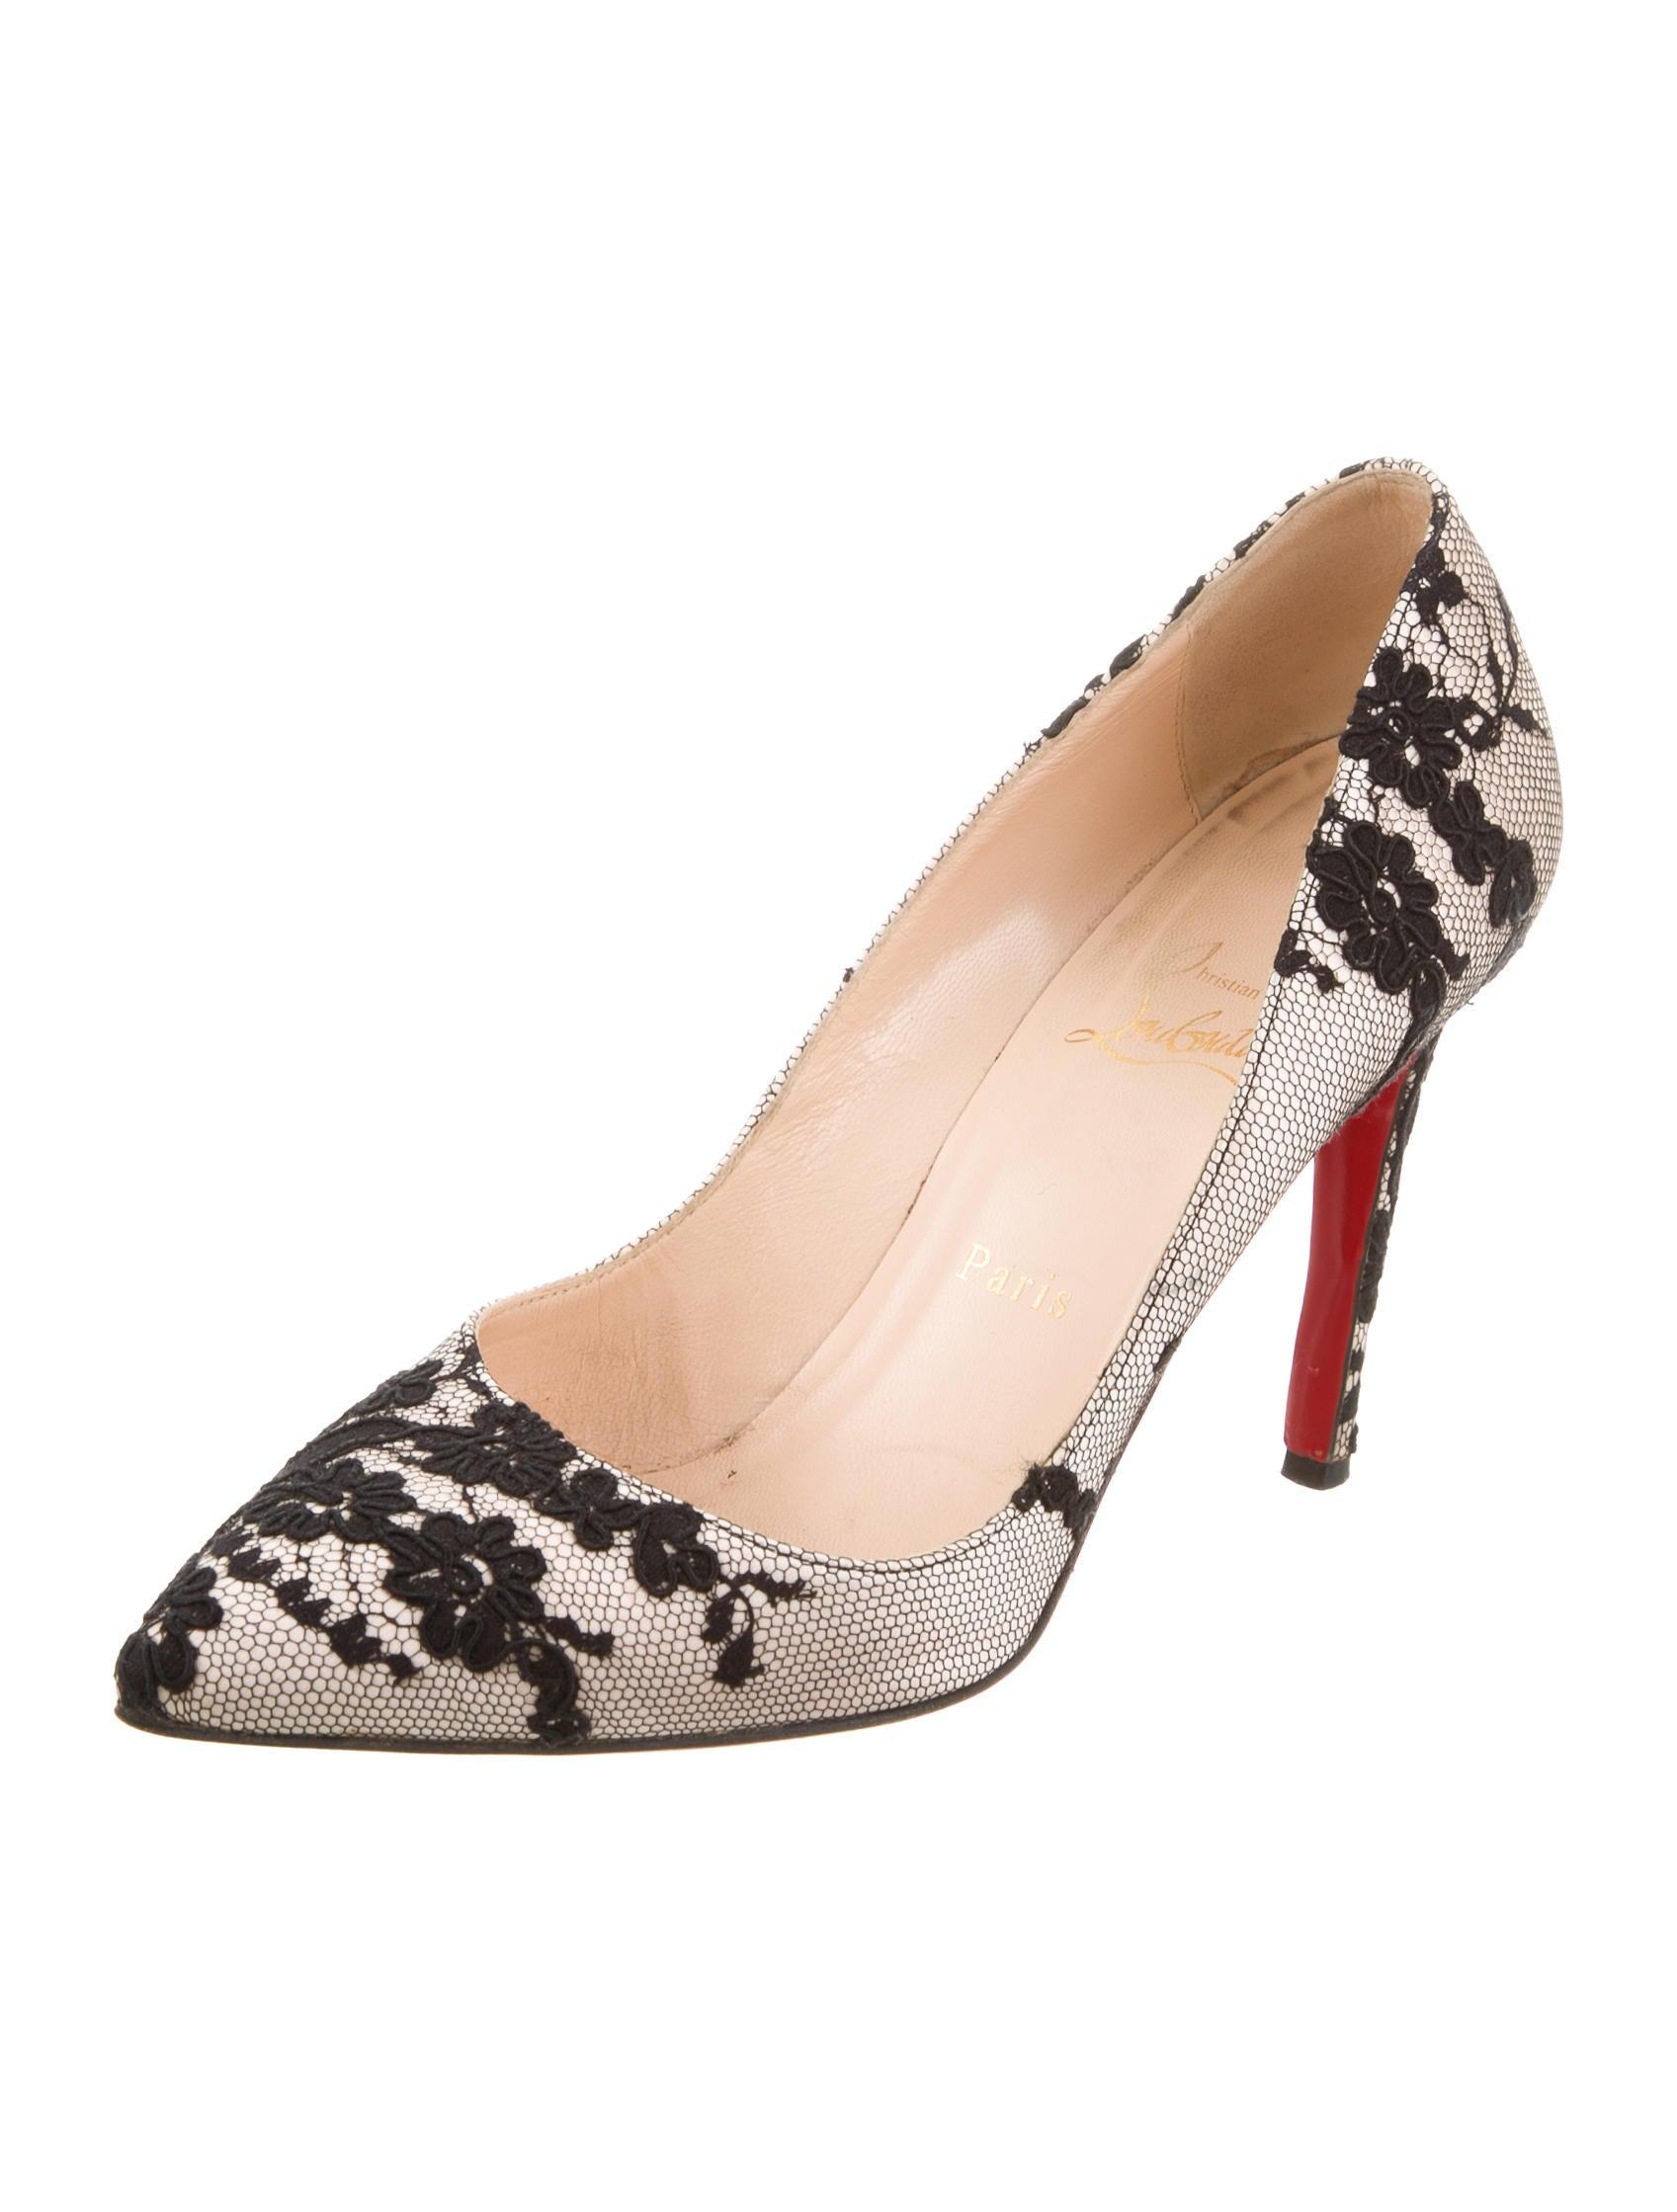 Prada Shoe Boots   OIS Group